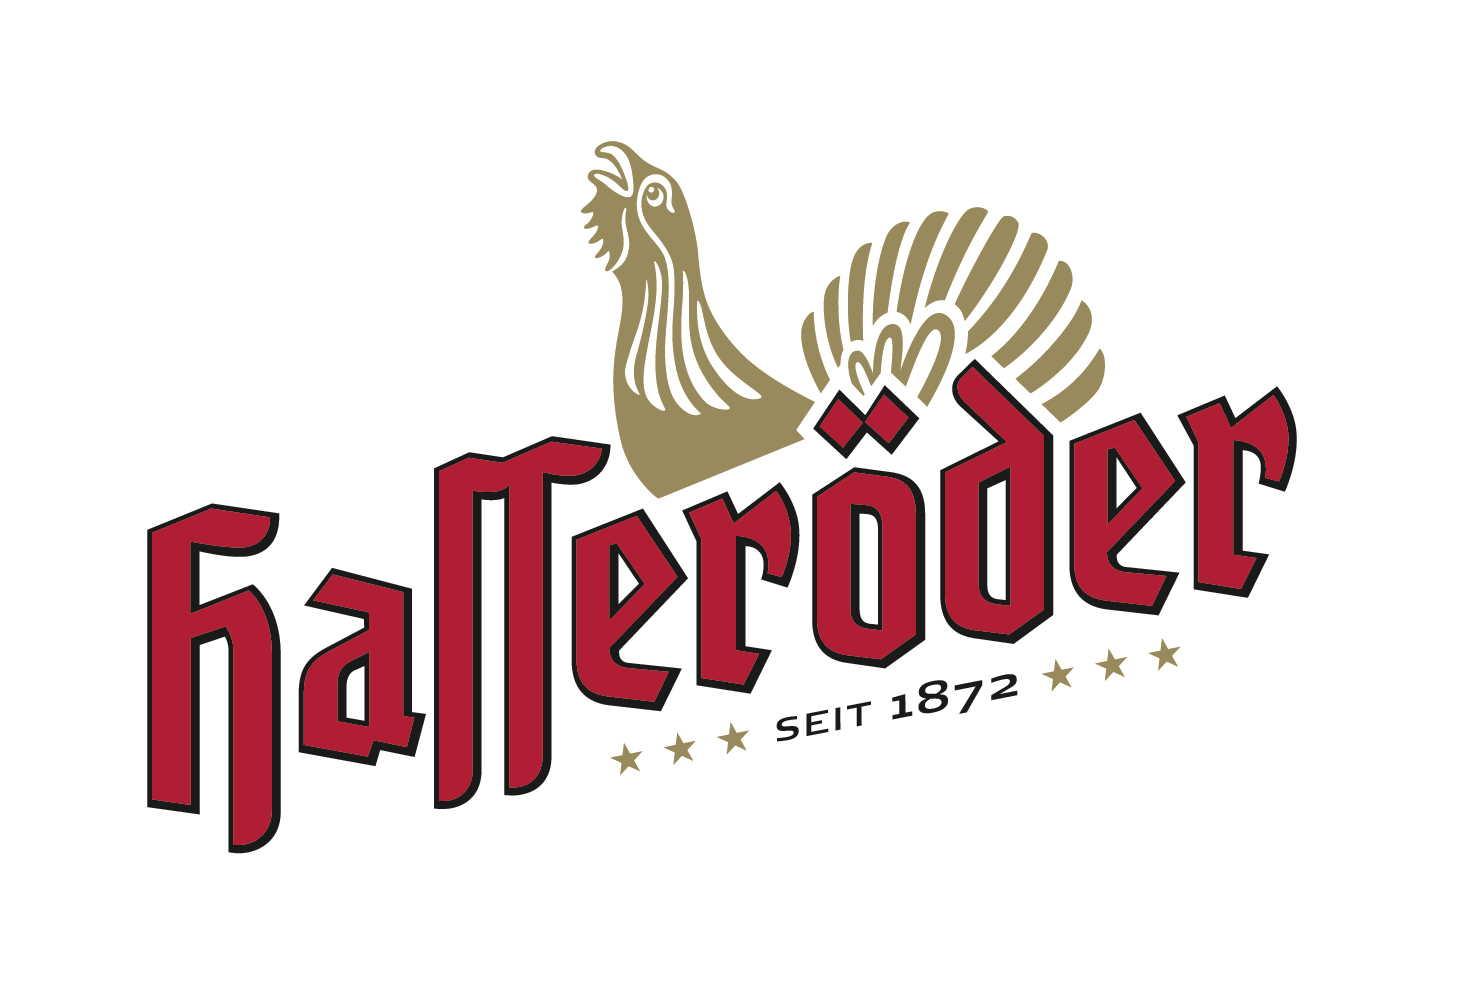 Sky-Supermarkt: Hasseröder Bier 20 x 0,5 l: 7,99 € zzgl. Pfand (lokal: BB, HH, MV, NI, SH)